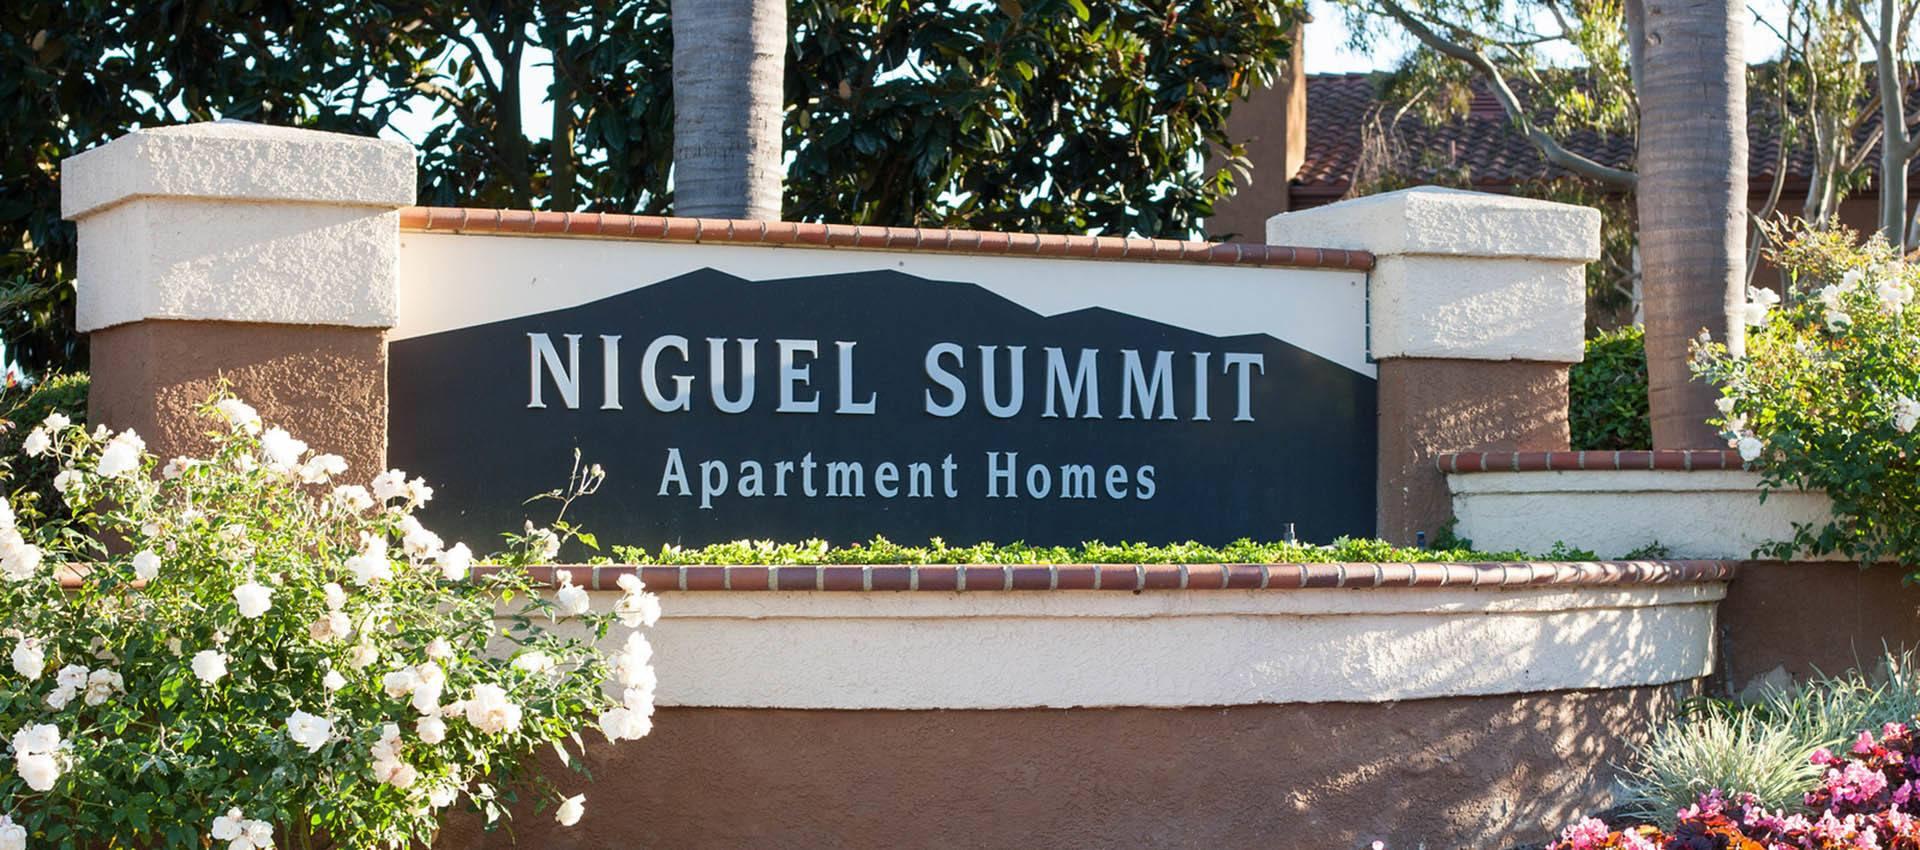 Signage at Niguel Summit Condominium Rentals in Laguna Niguel, CA